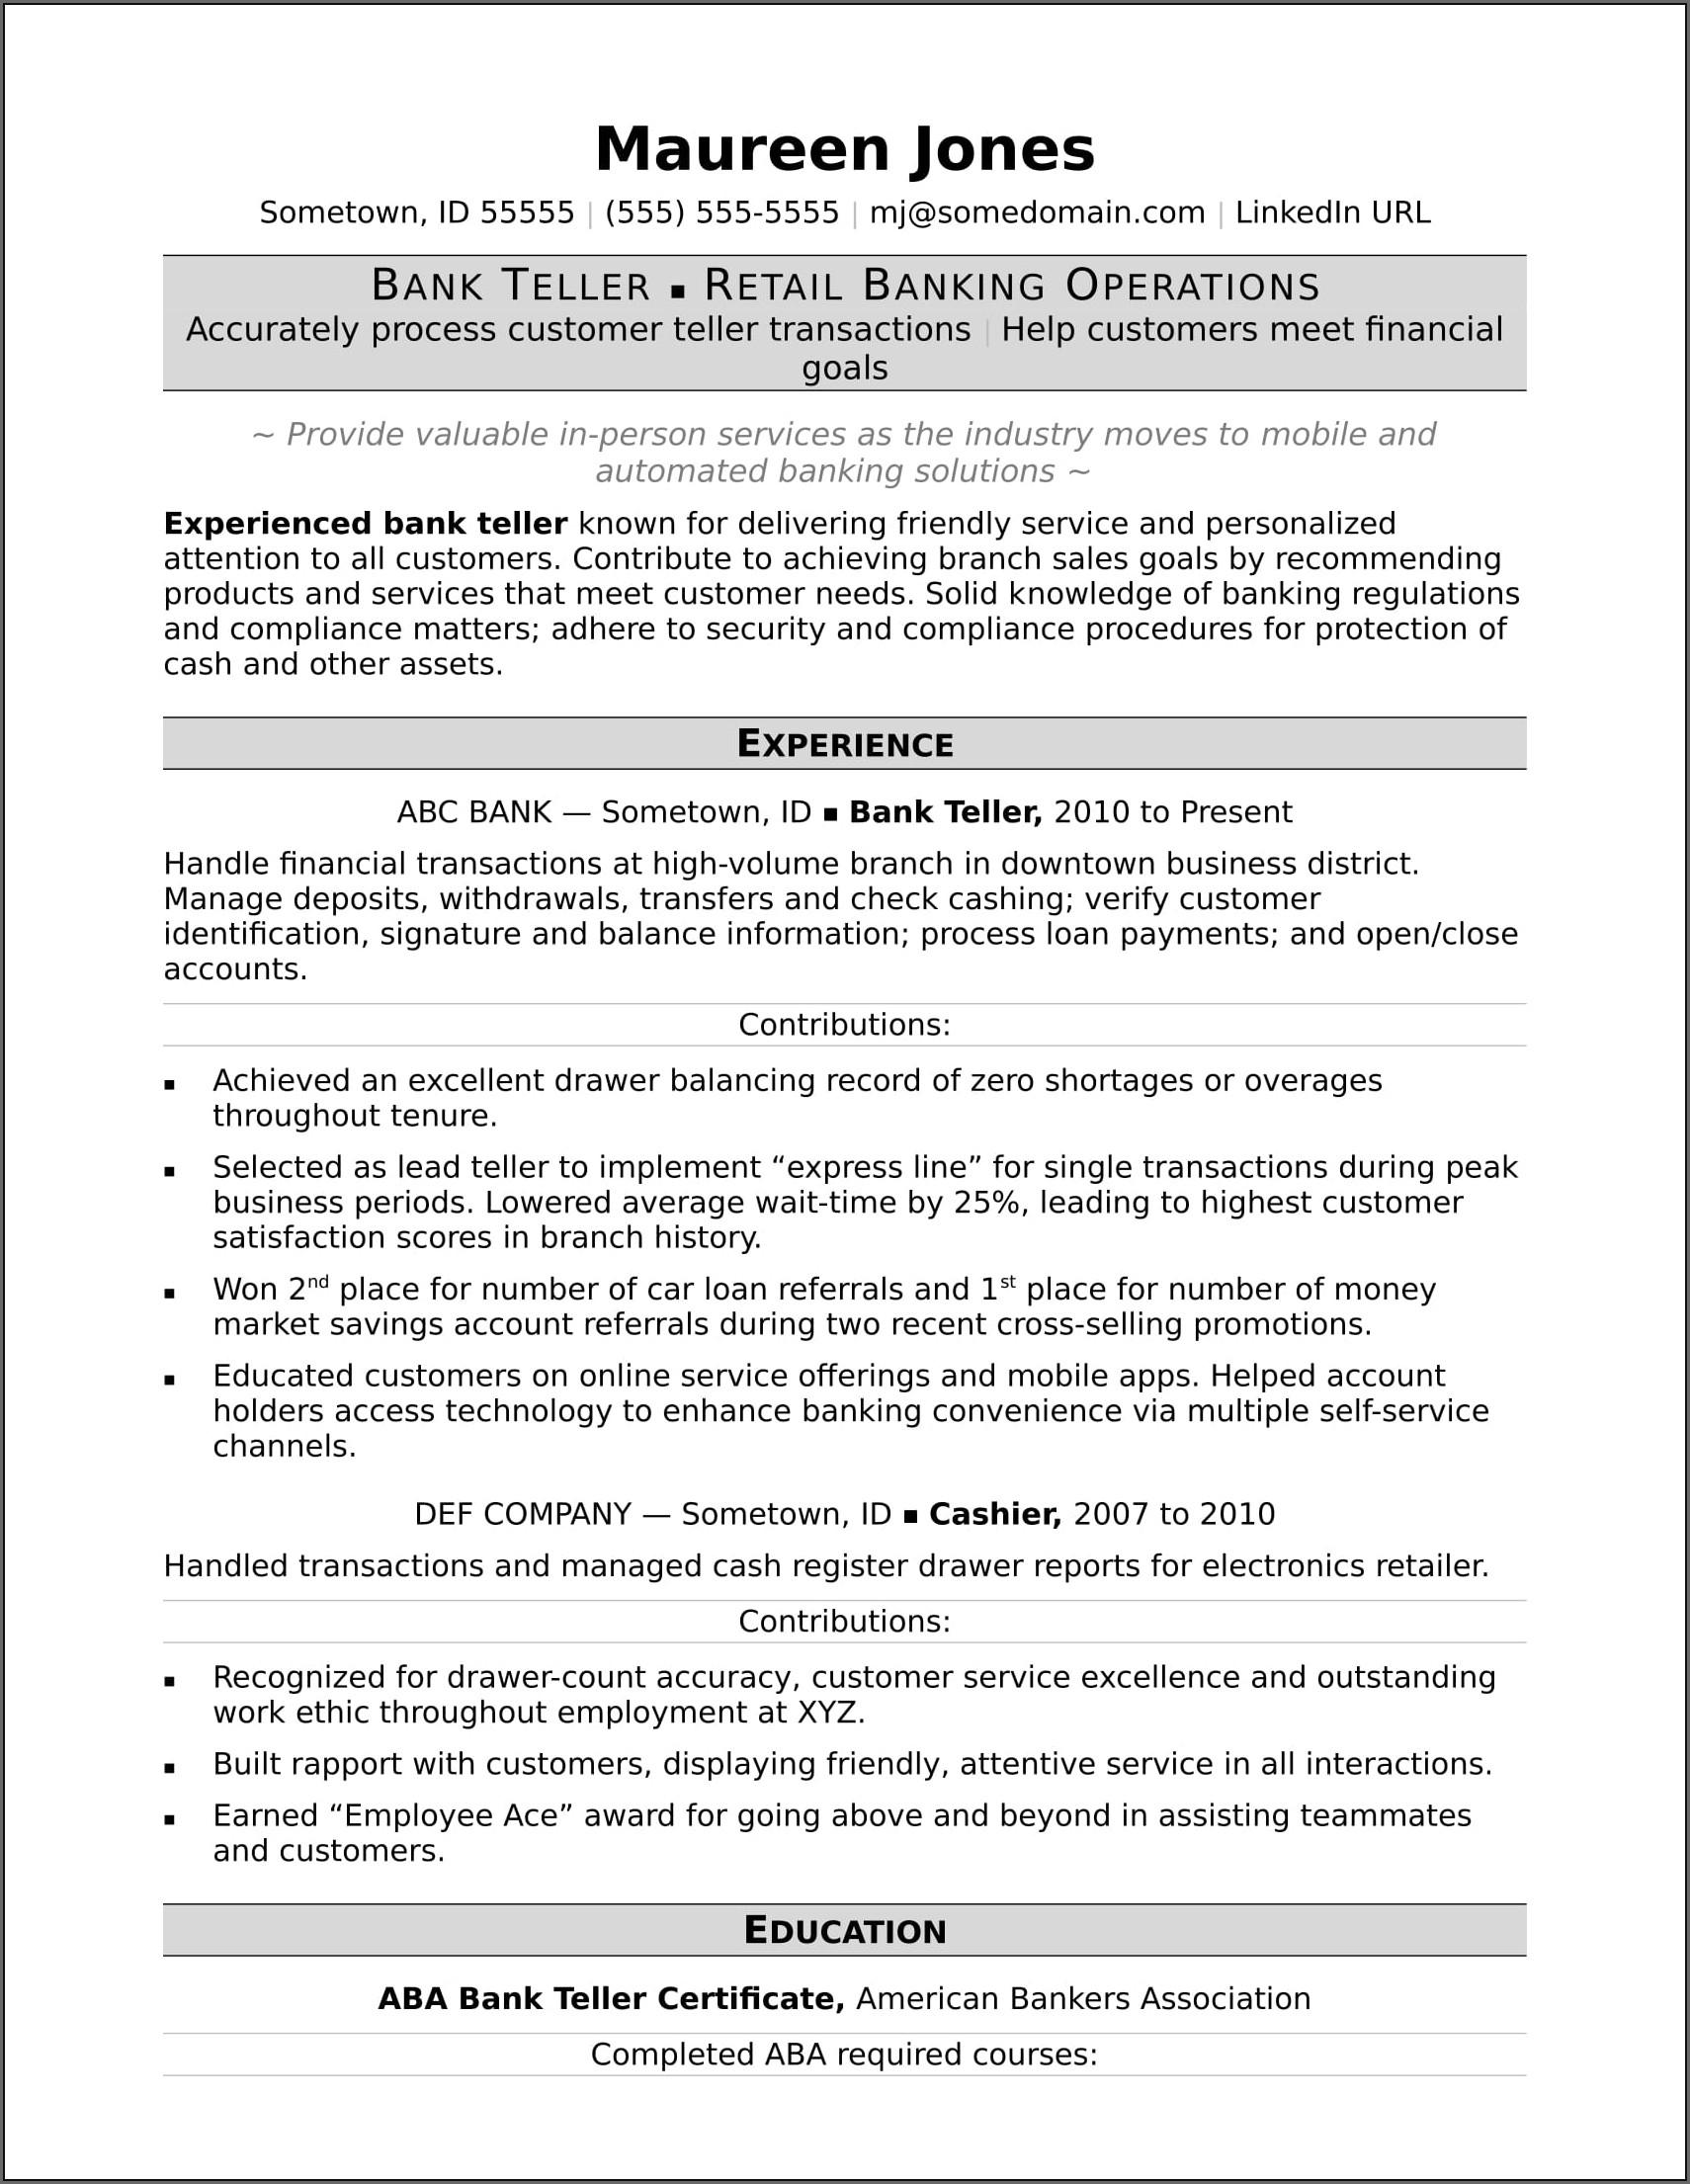 Sample Resume For Teller Position In Banks